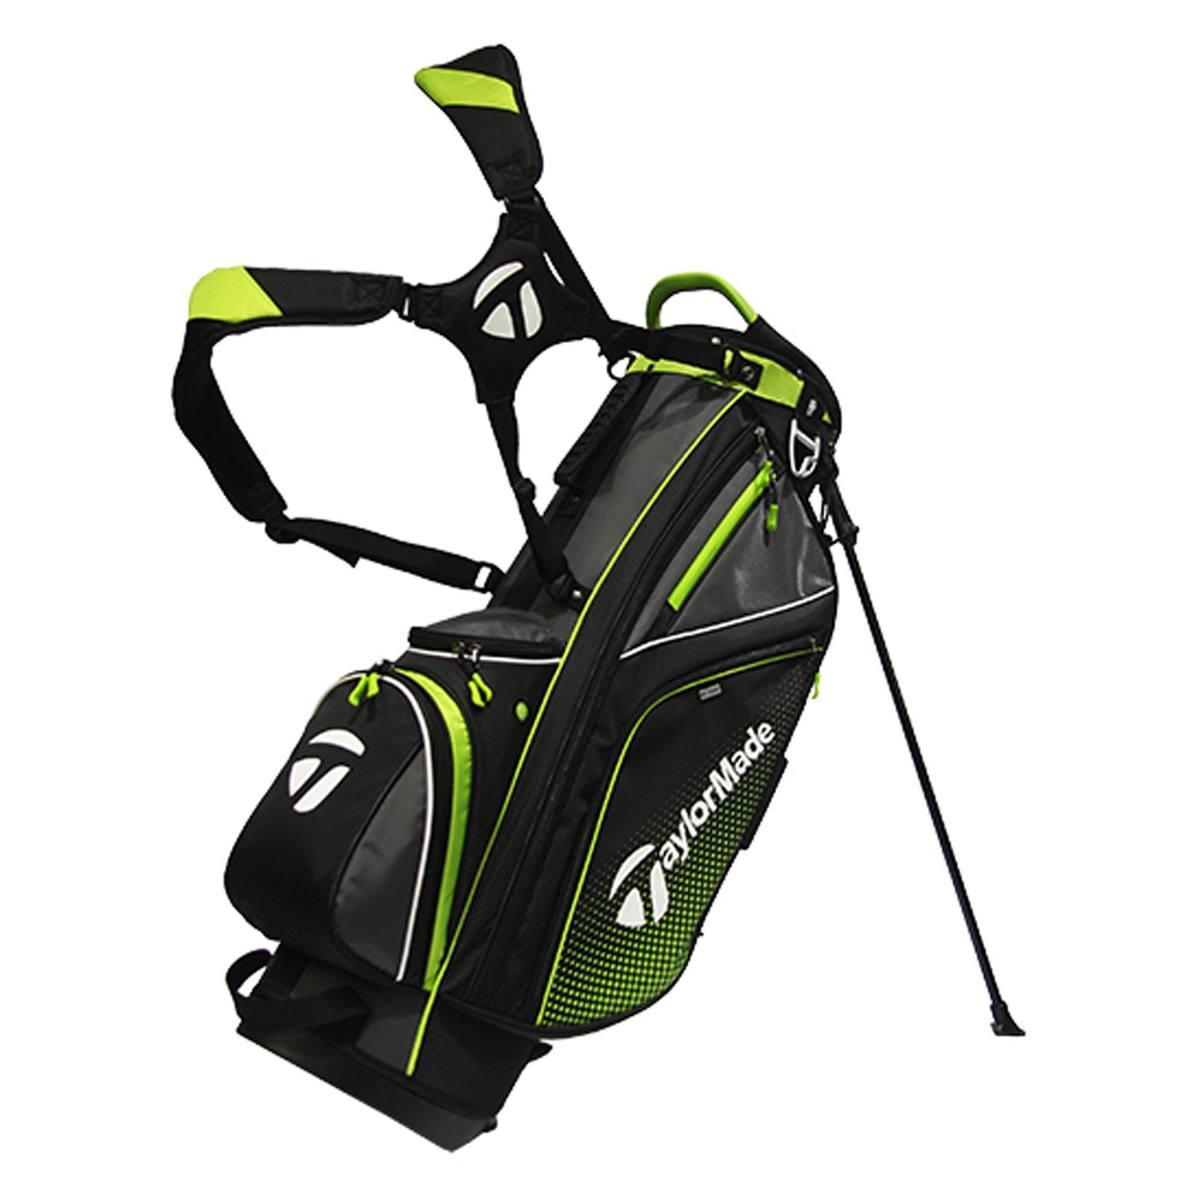 Bild 1 von Golf Standbag TM 6 Fächer